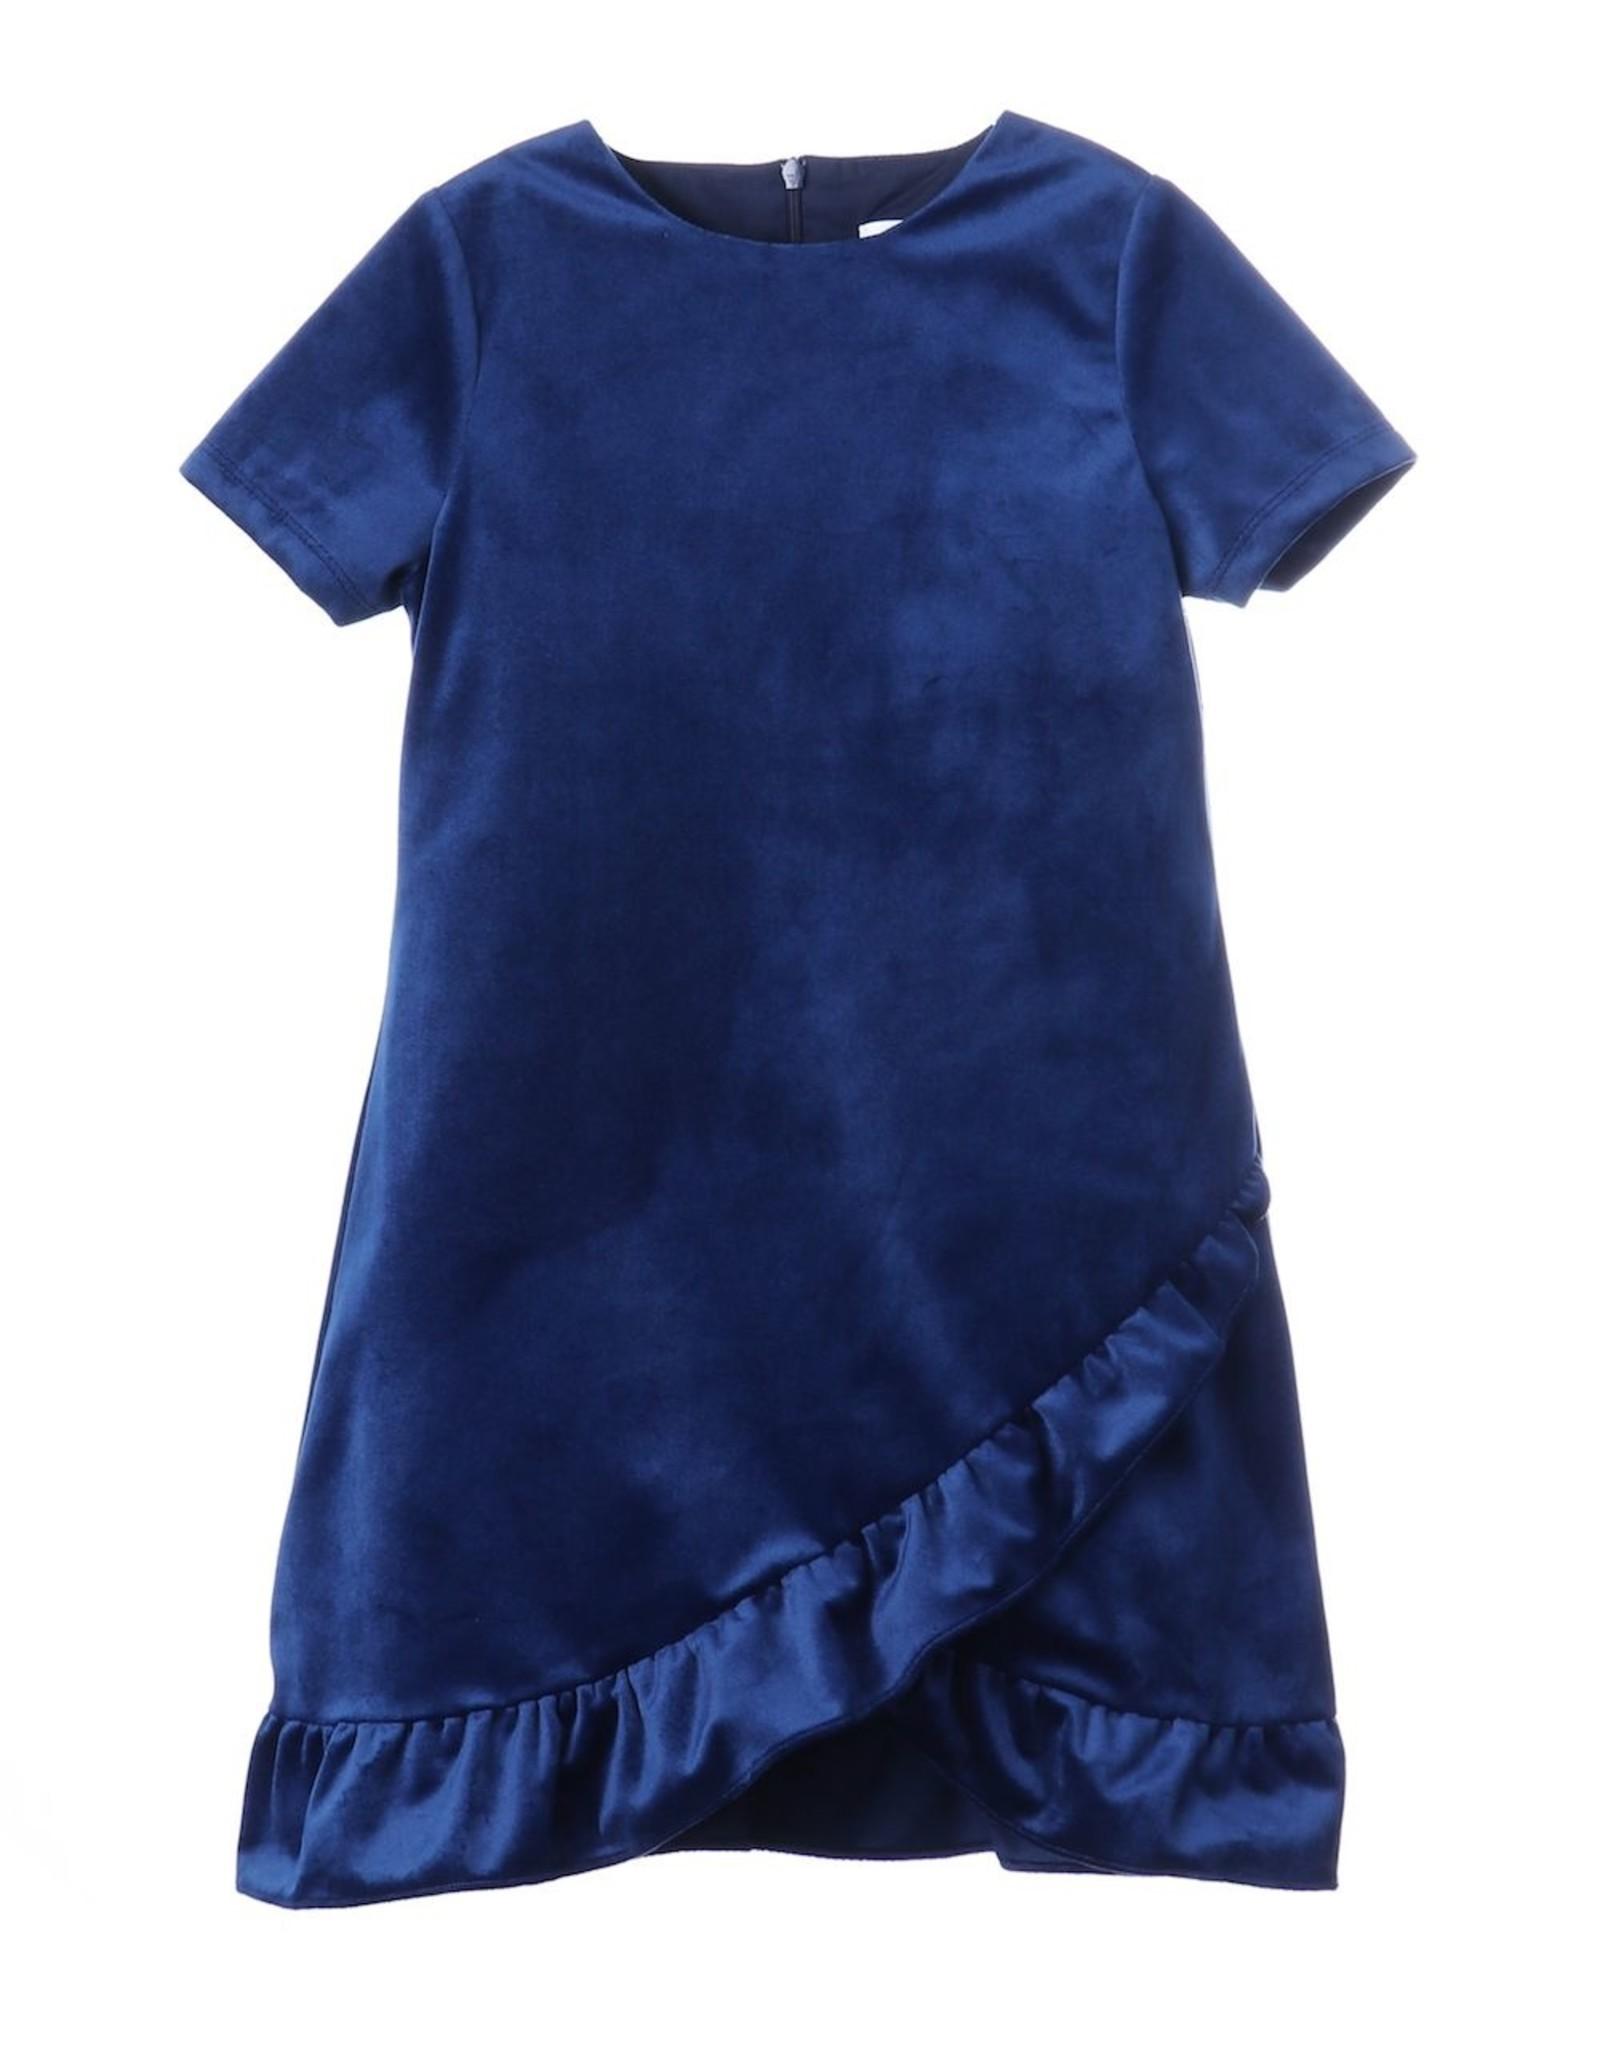 Luli & Me Lux Velvet Ruffles Dress, Navy